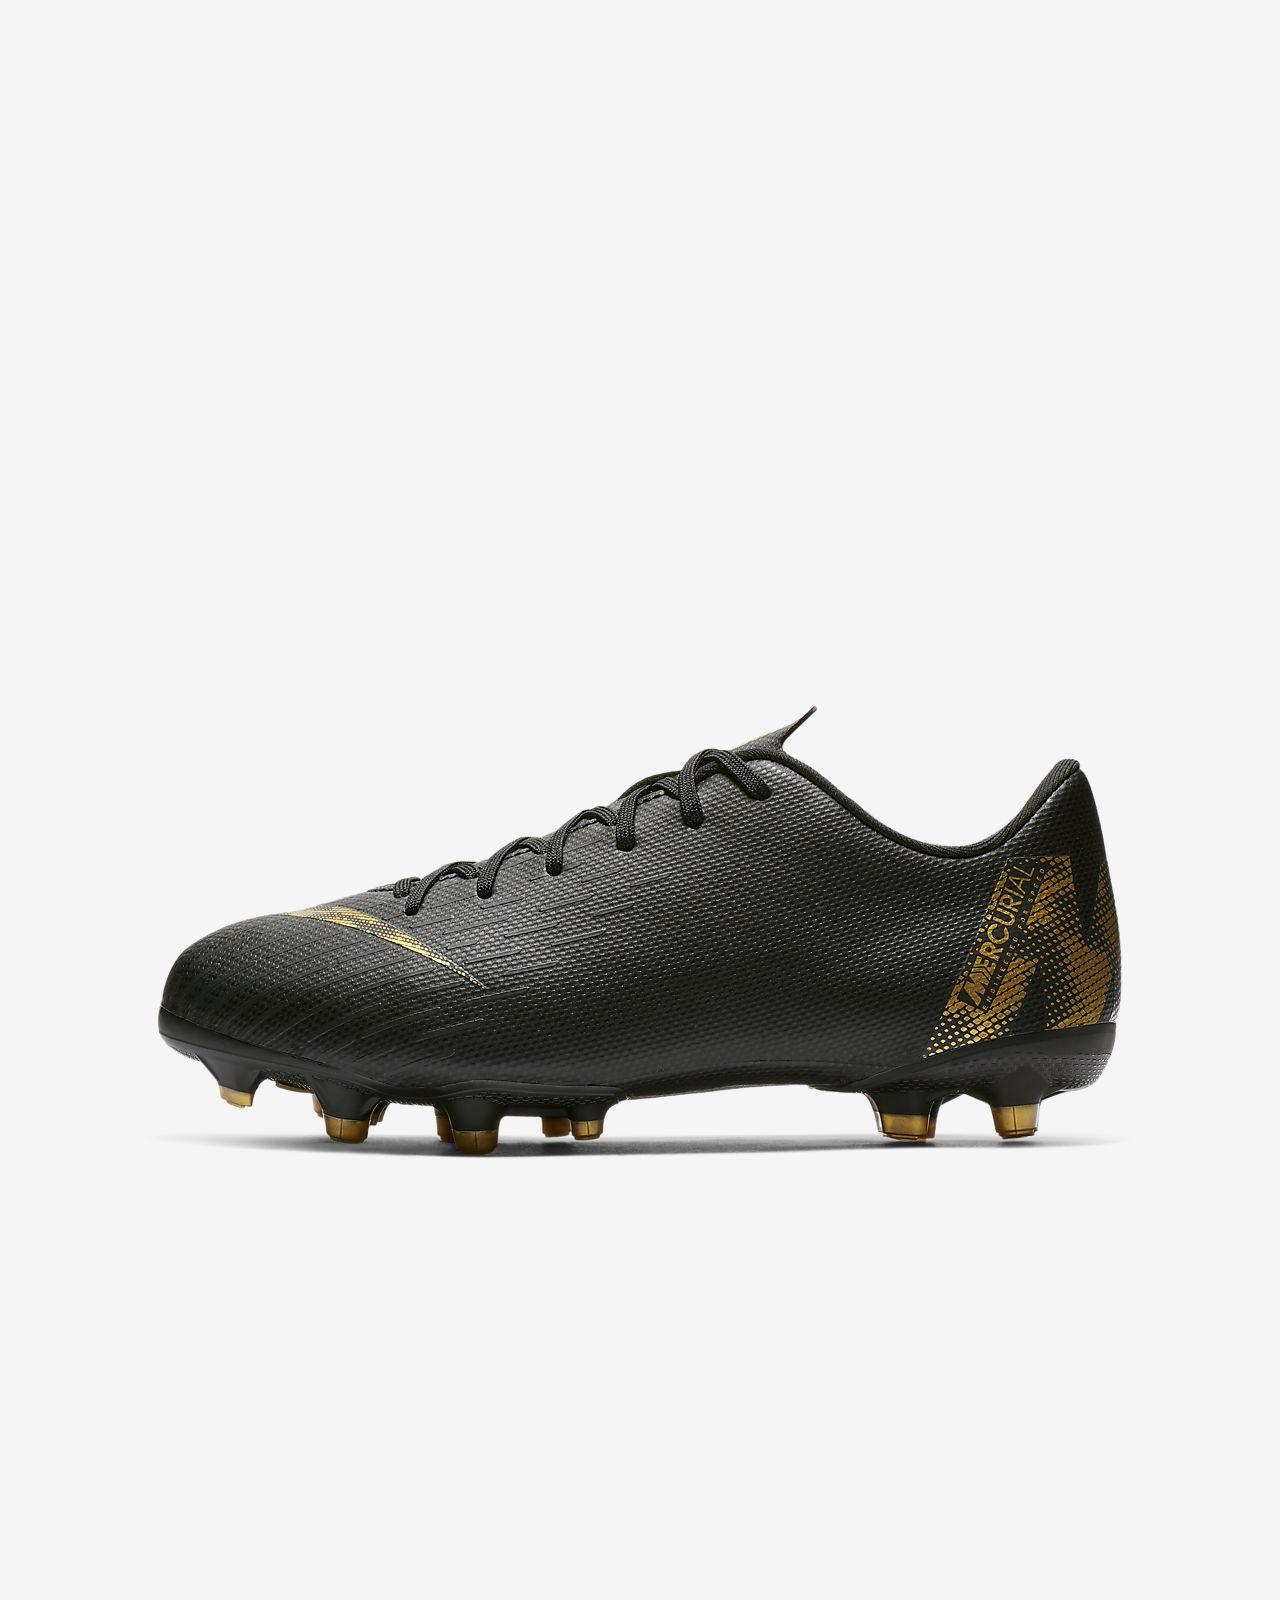 Fotbollssko för varierat underlag Nike Jr. Mercurial Vapor XII Academy för barn/ungdom